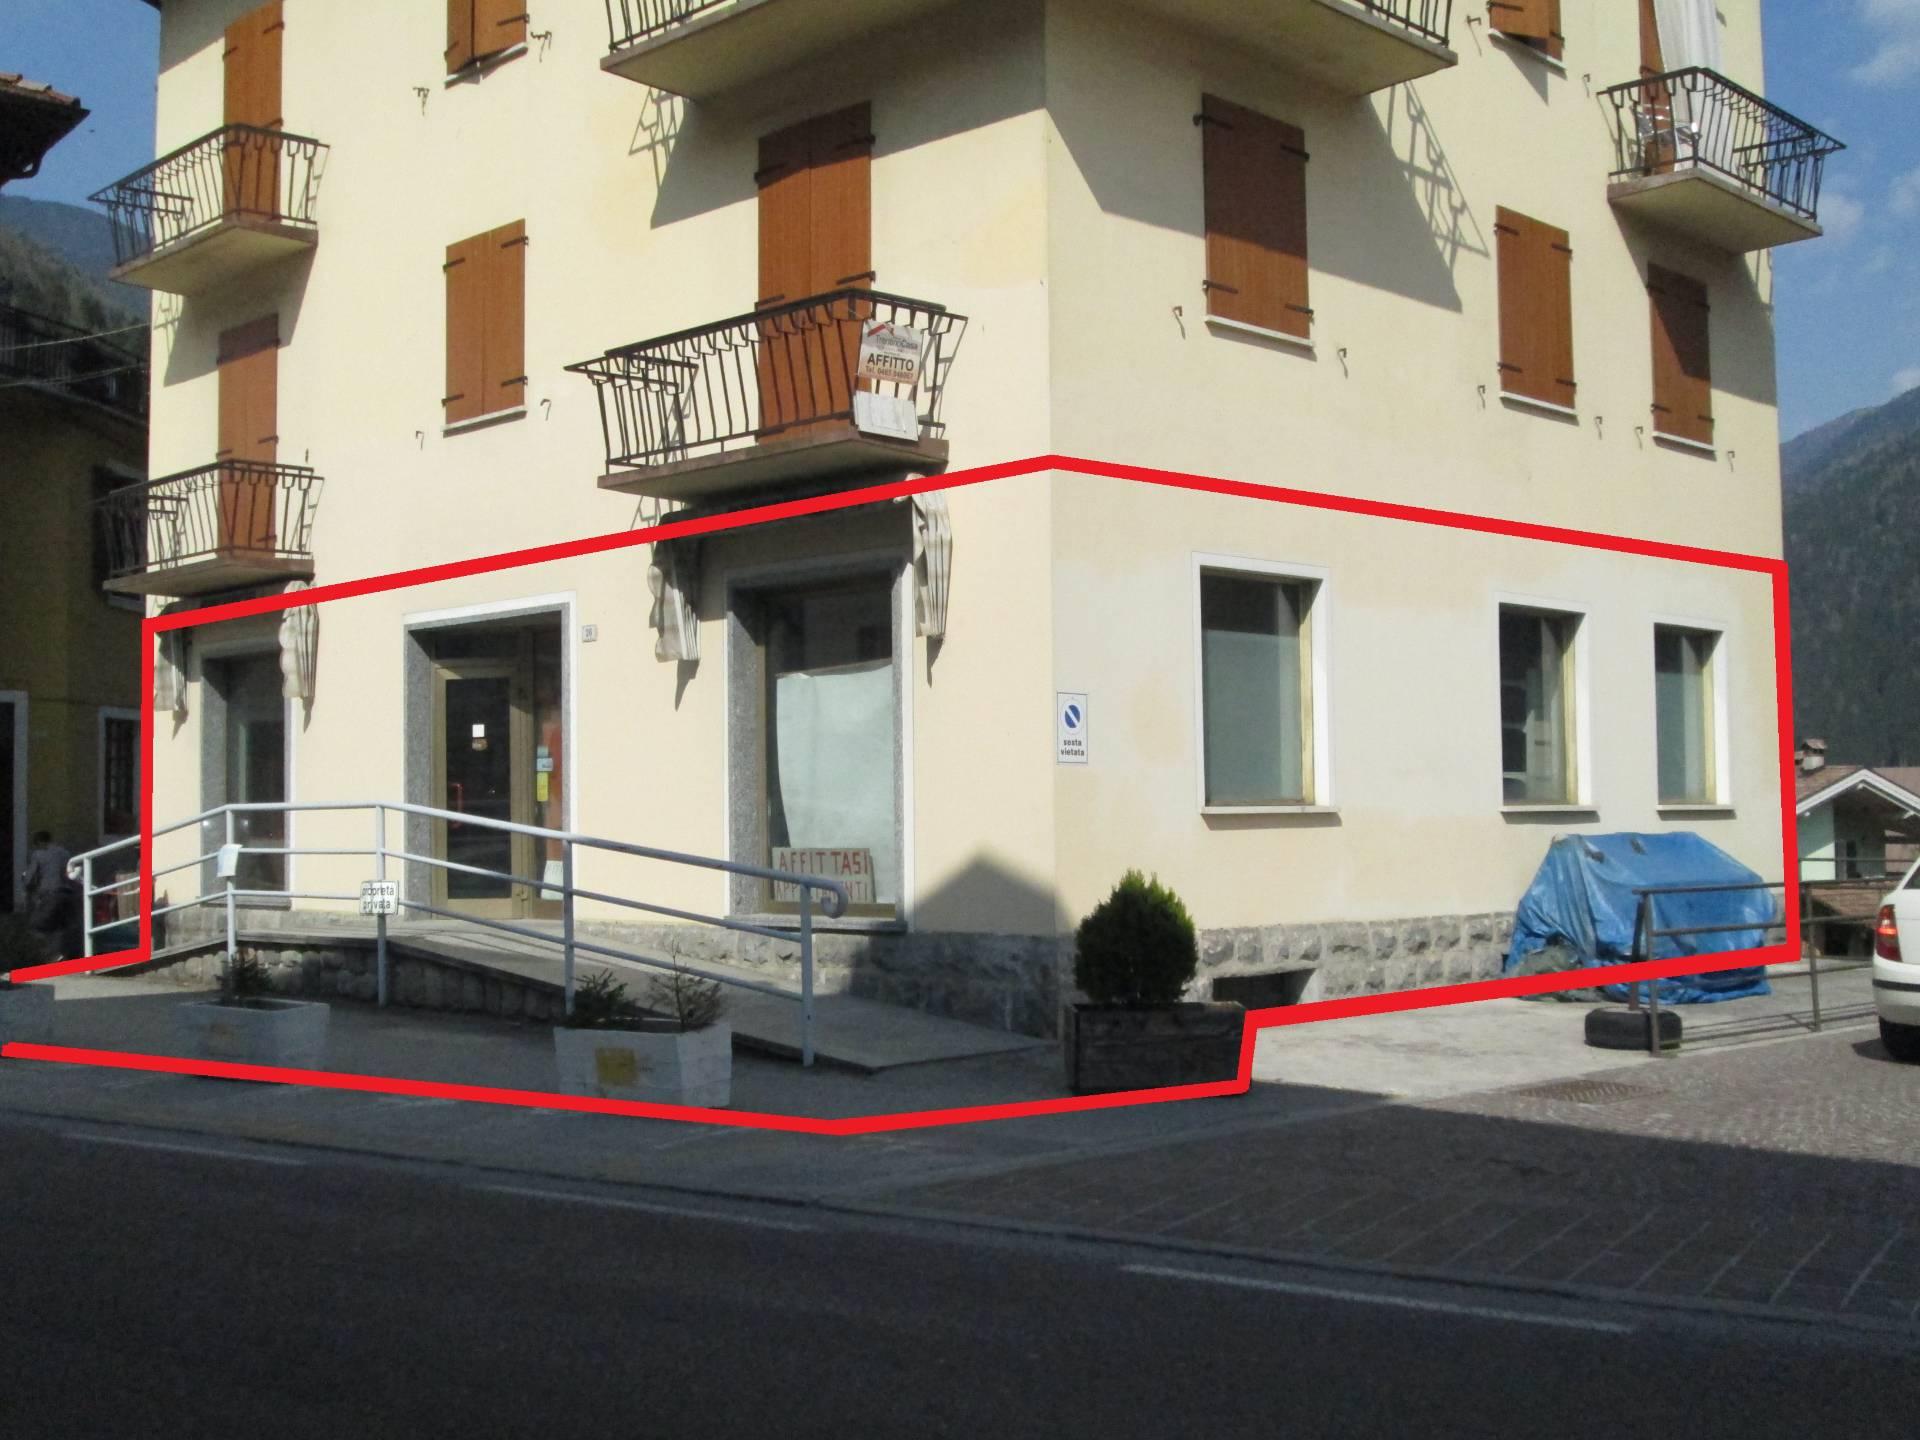 Negozio / Locale in affitto a Villa Rendena, 9999 locali, zona Zona: Iavrè, prezzo € 400 | CambioCasa.it